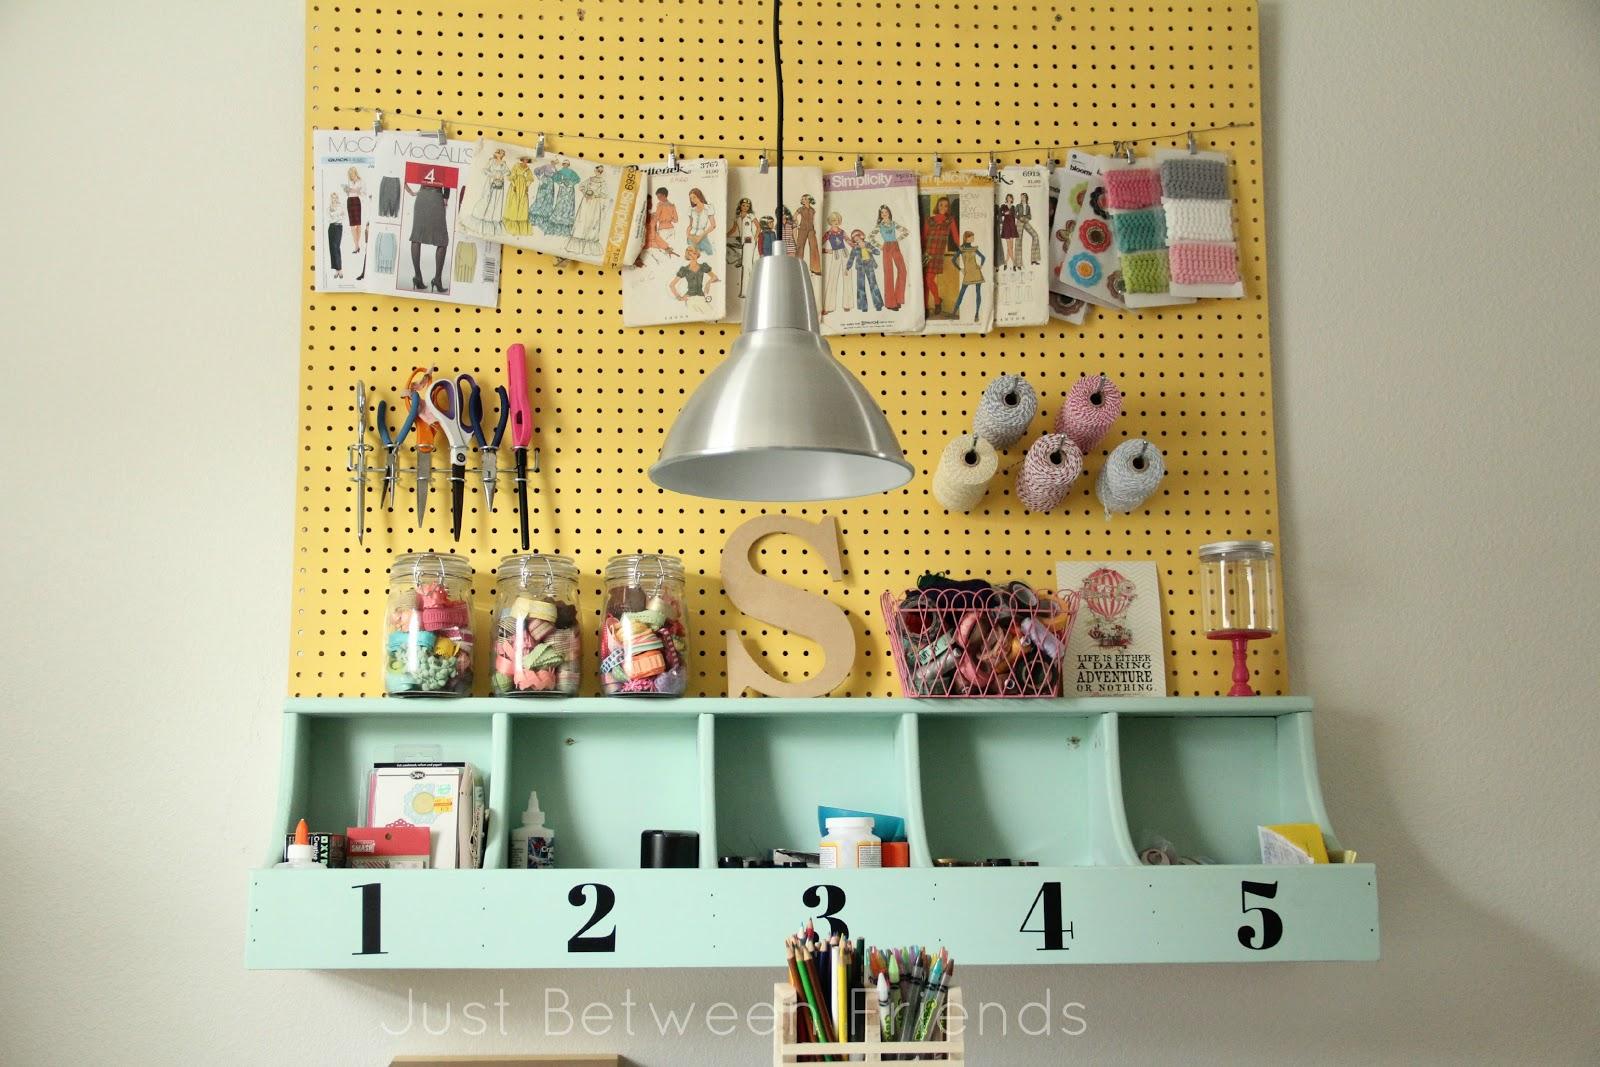 My Craft Room {2} - Just Between Friends